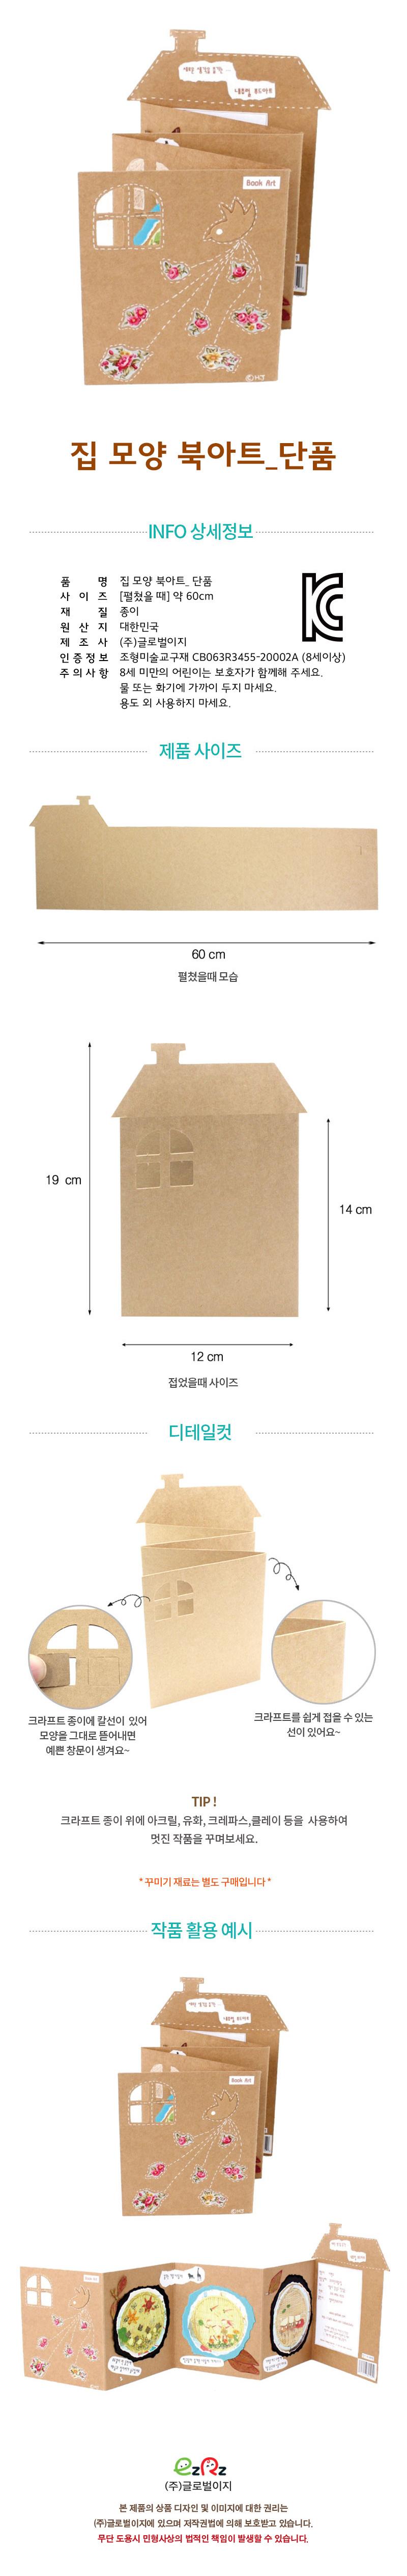 집모양 북아트-책만들기 재료 - 이지피아, 1,260원, 종이공예/북아트, 북아트 재료